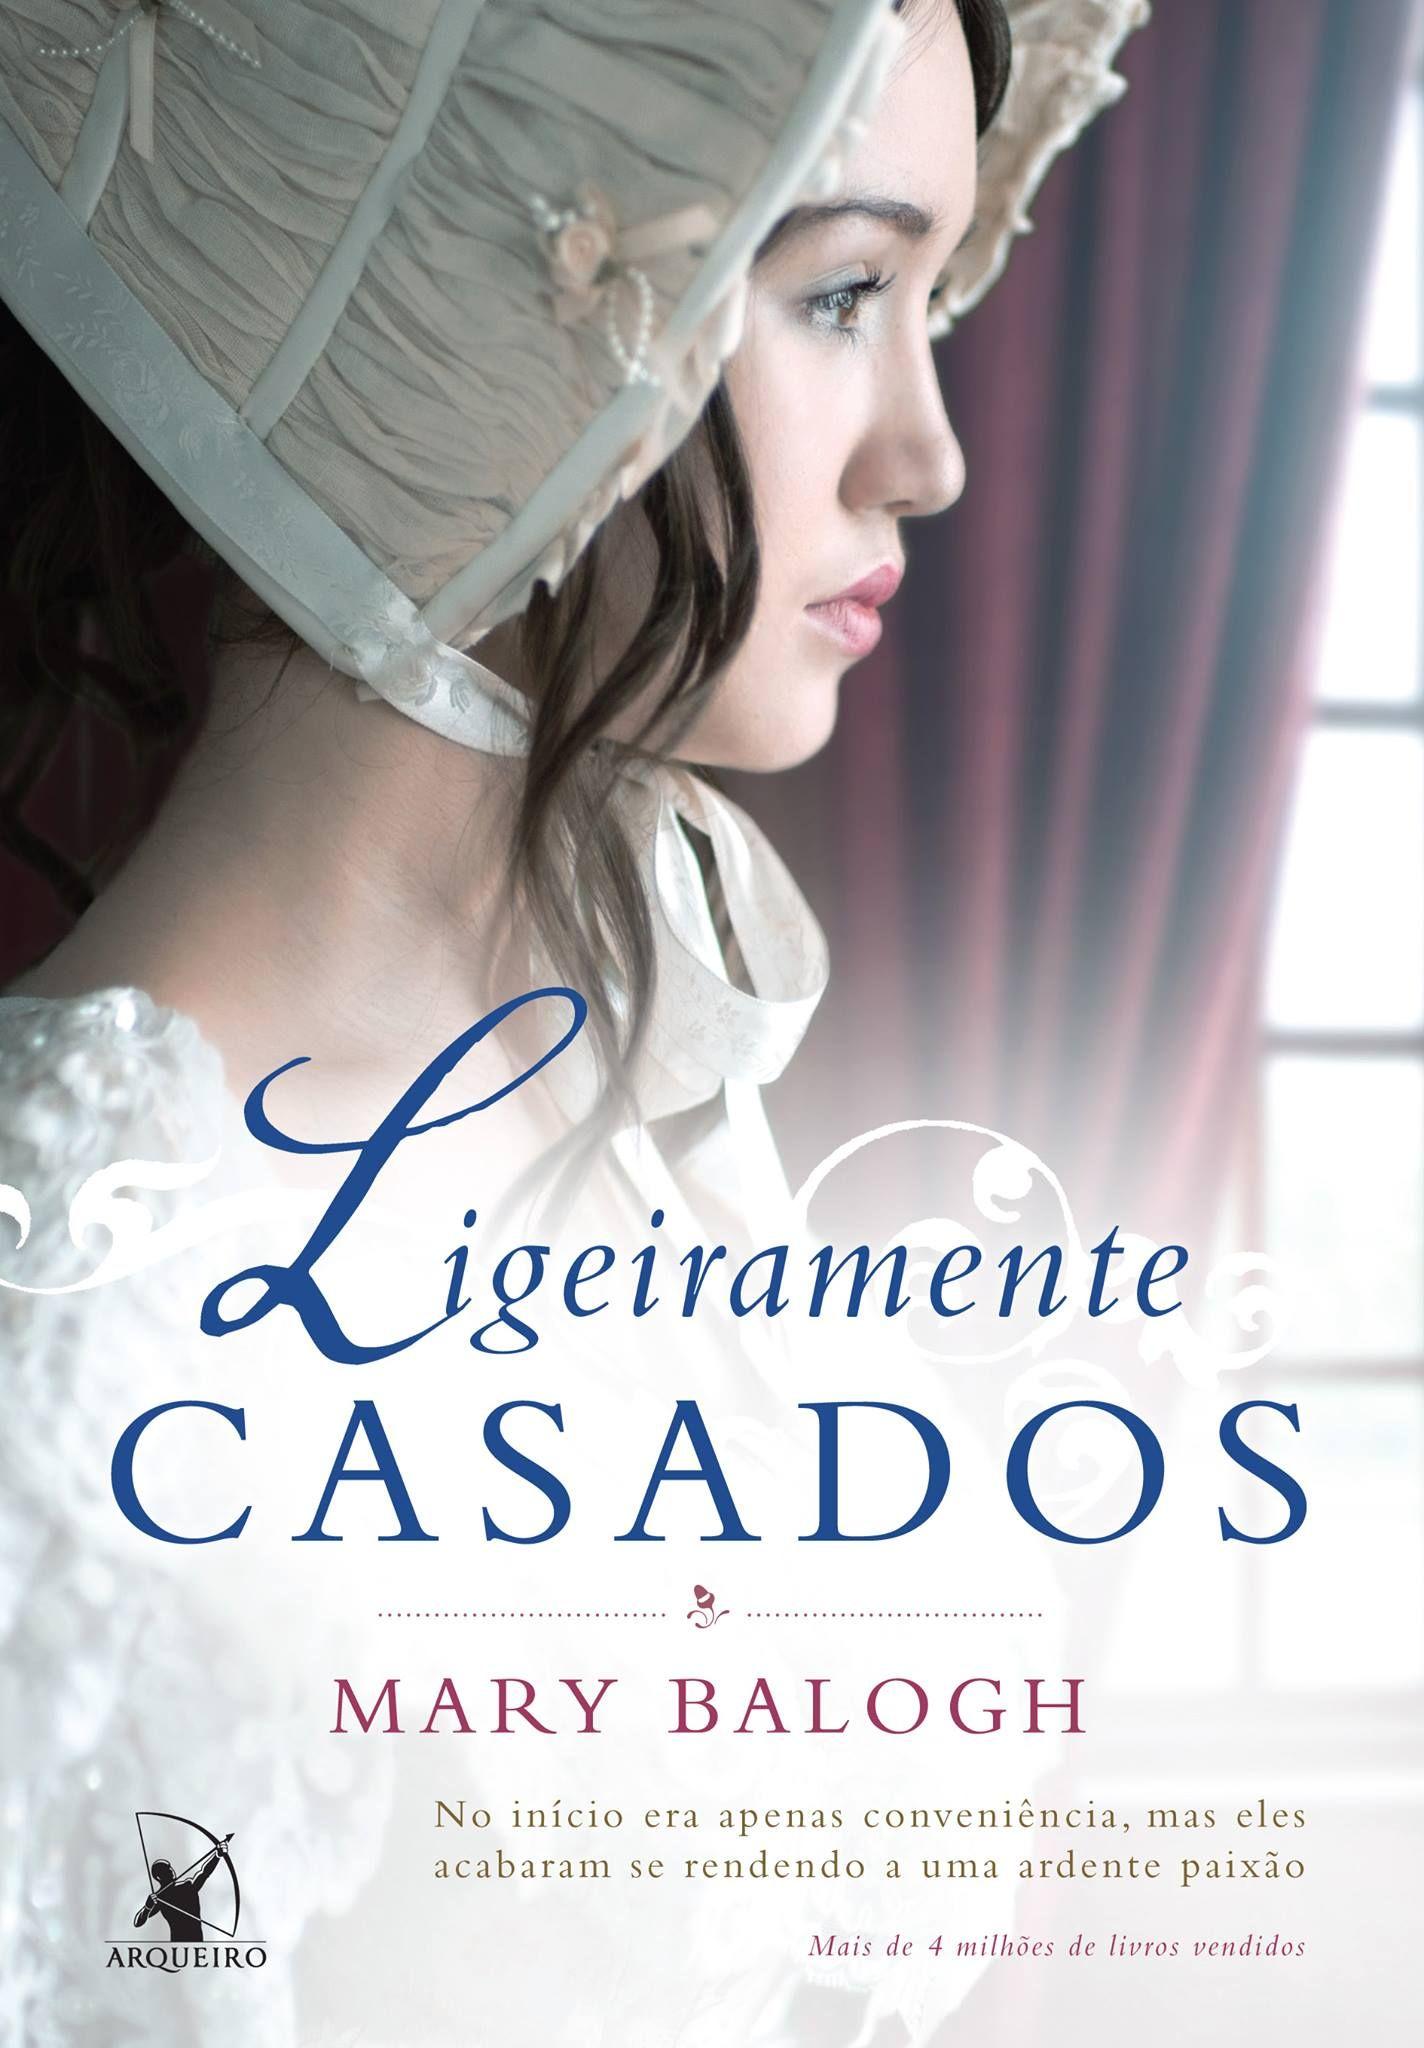 Ligeiramente Casados Mary Balogh Resenha Com Imagens